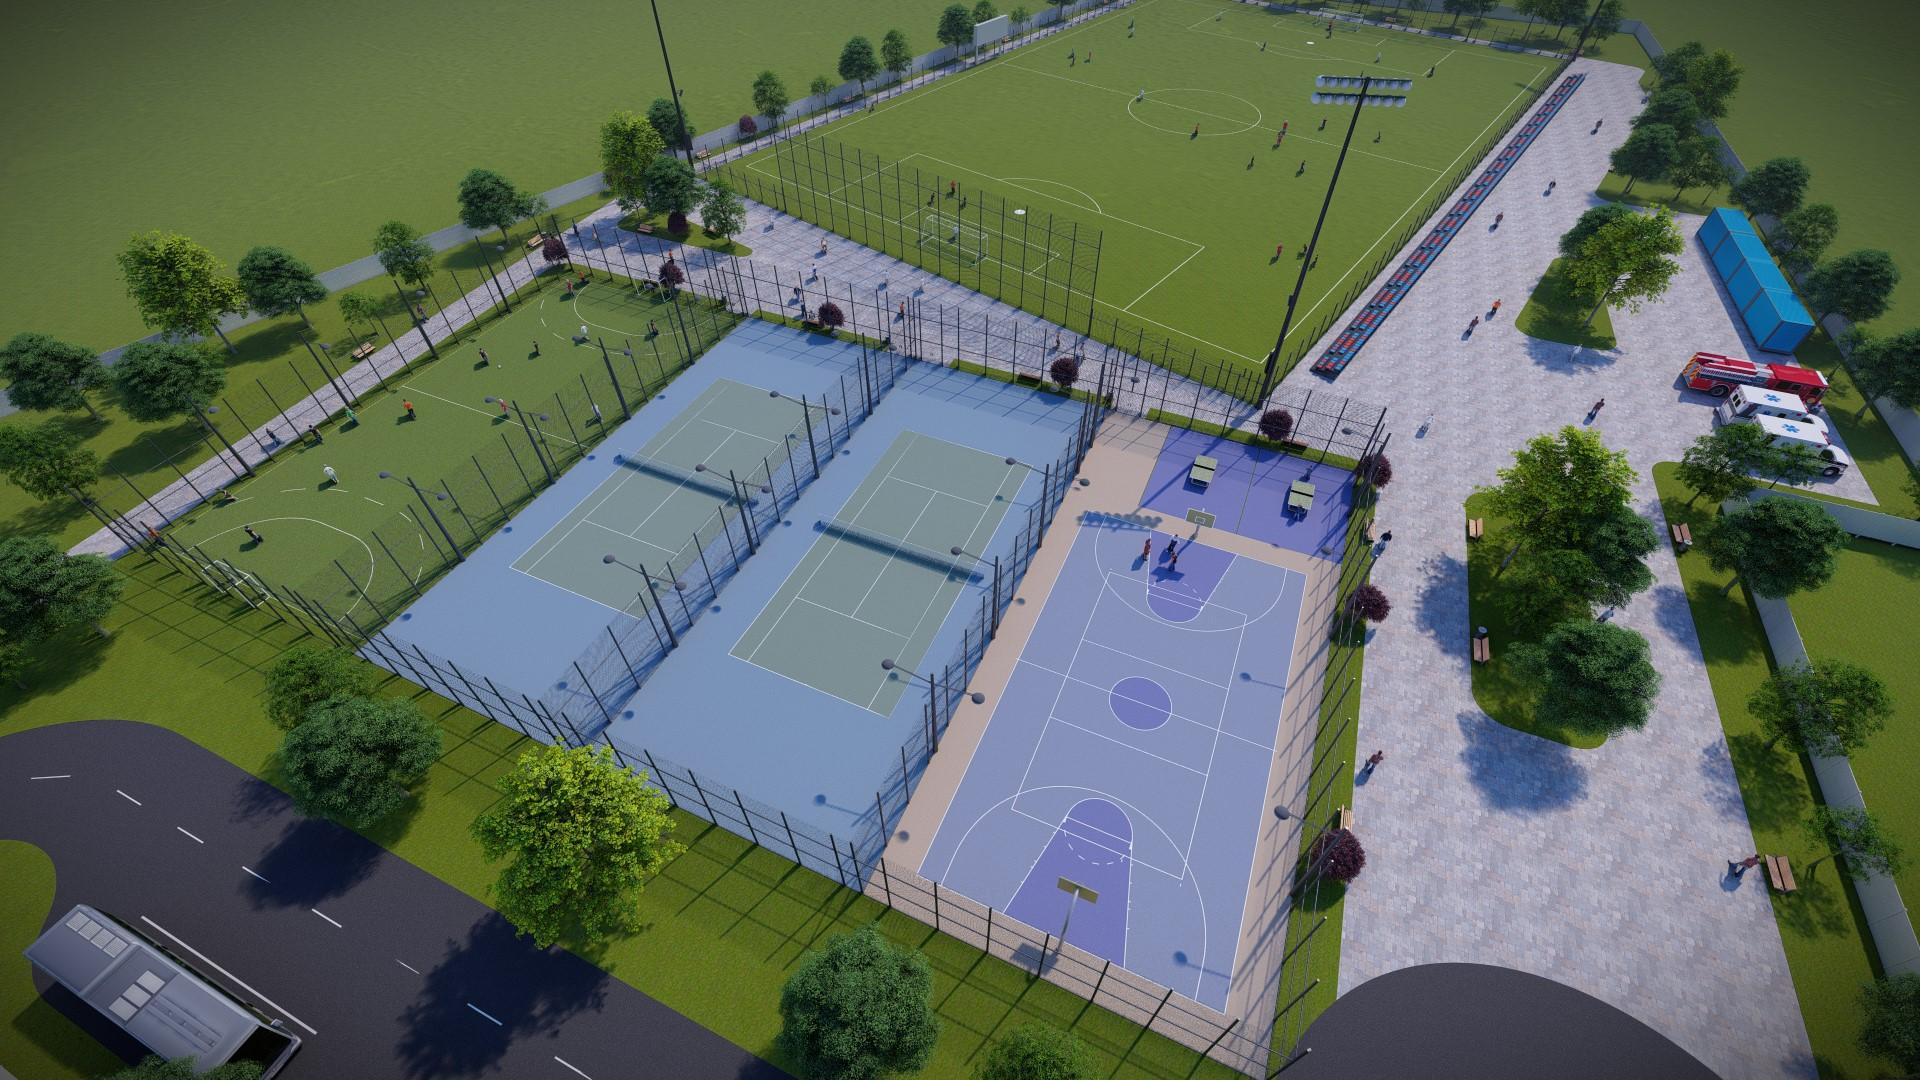 Noua bază sportivă a Sibiului, scoasă la licitație. Ar putea fi gata anul viitor